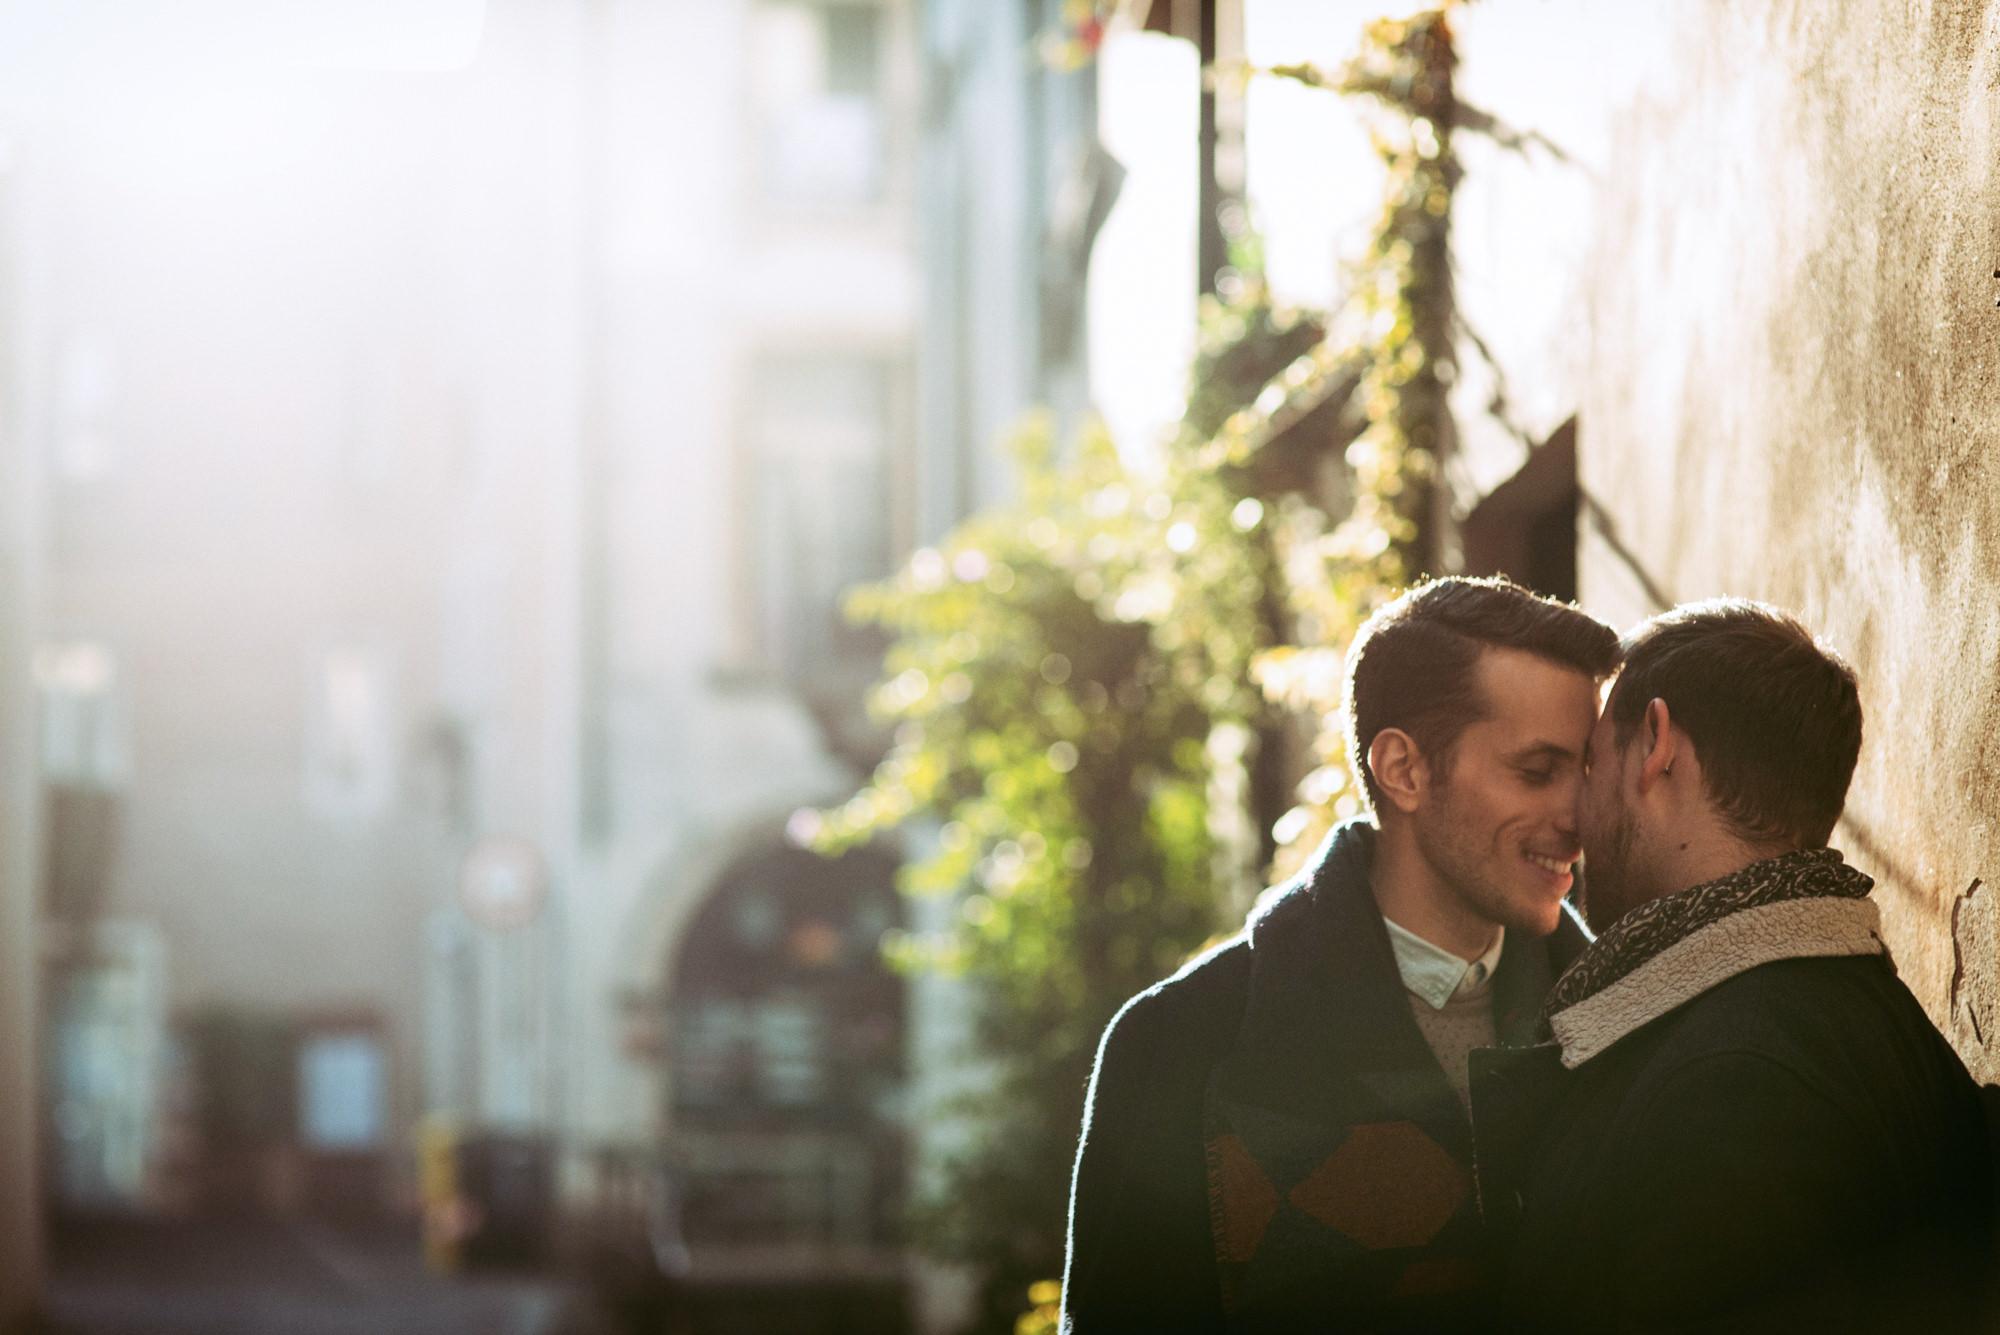 samesex couple photos italy 007 - Same-Sex Couple Photos Italy - Luca & Filippo